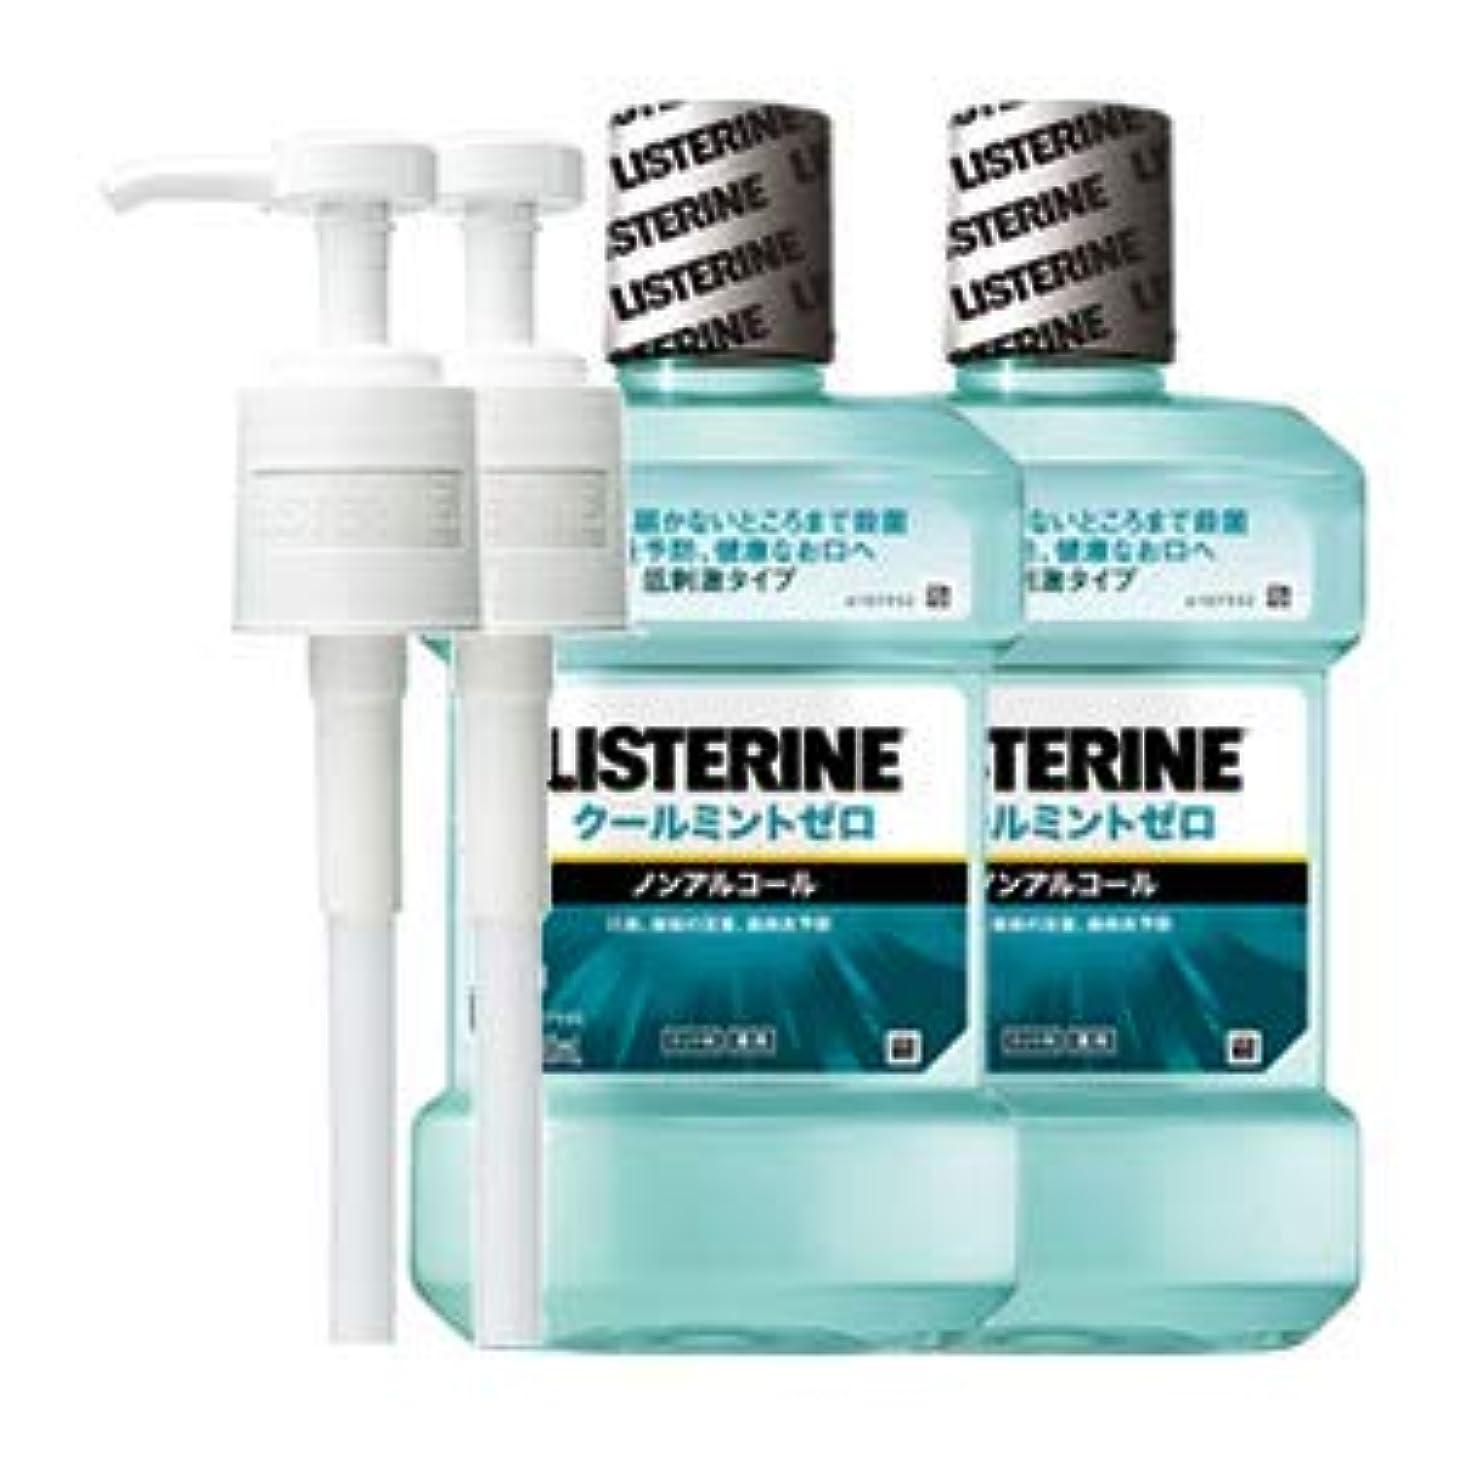 商品応じる患者薬用 リステリン クールミント ゼロ (マウスウォッシュ/洗口液) 1000mL 2点セット (ポンプ付)